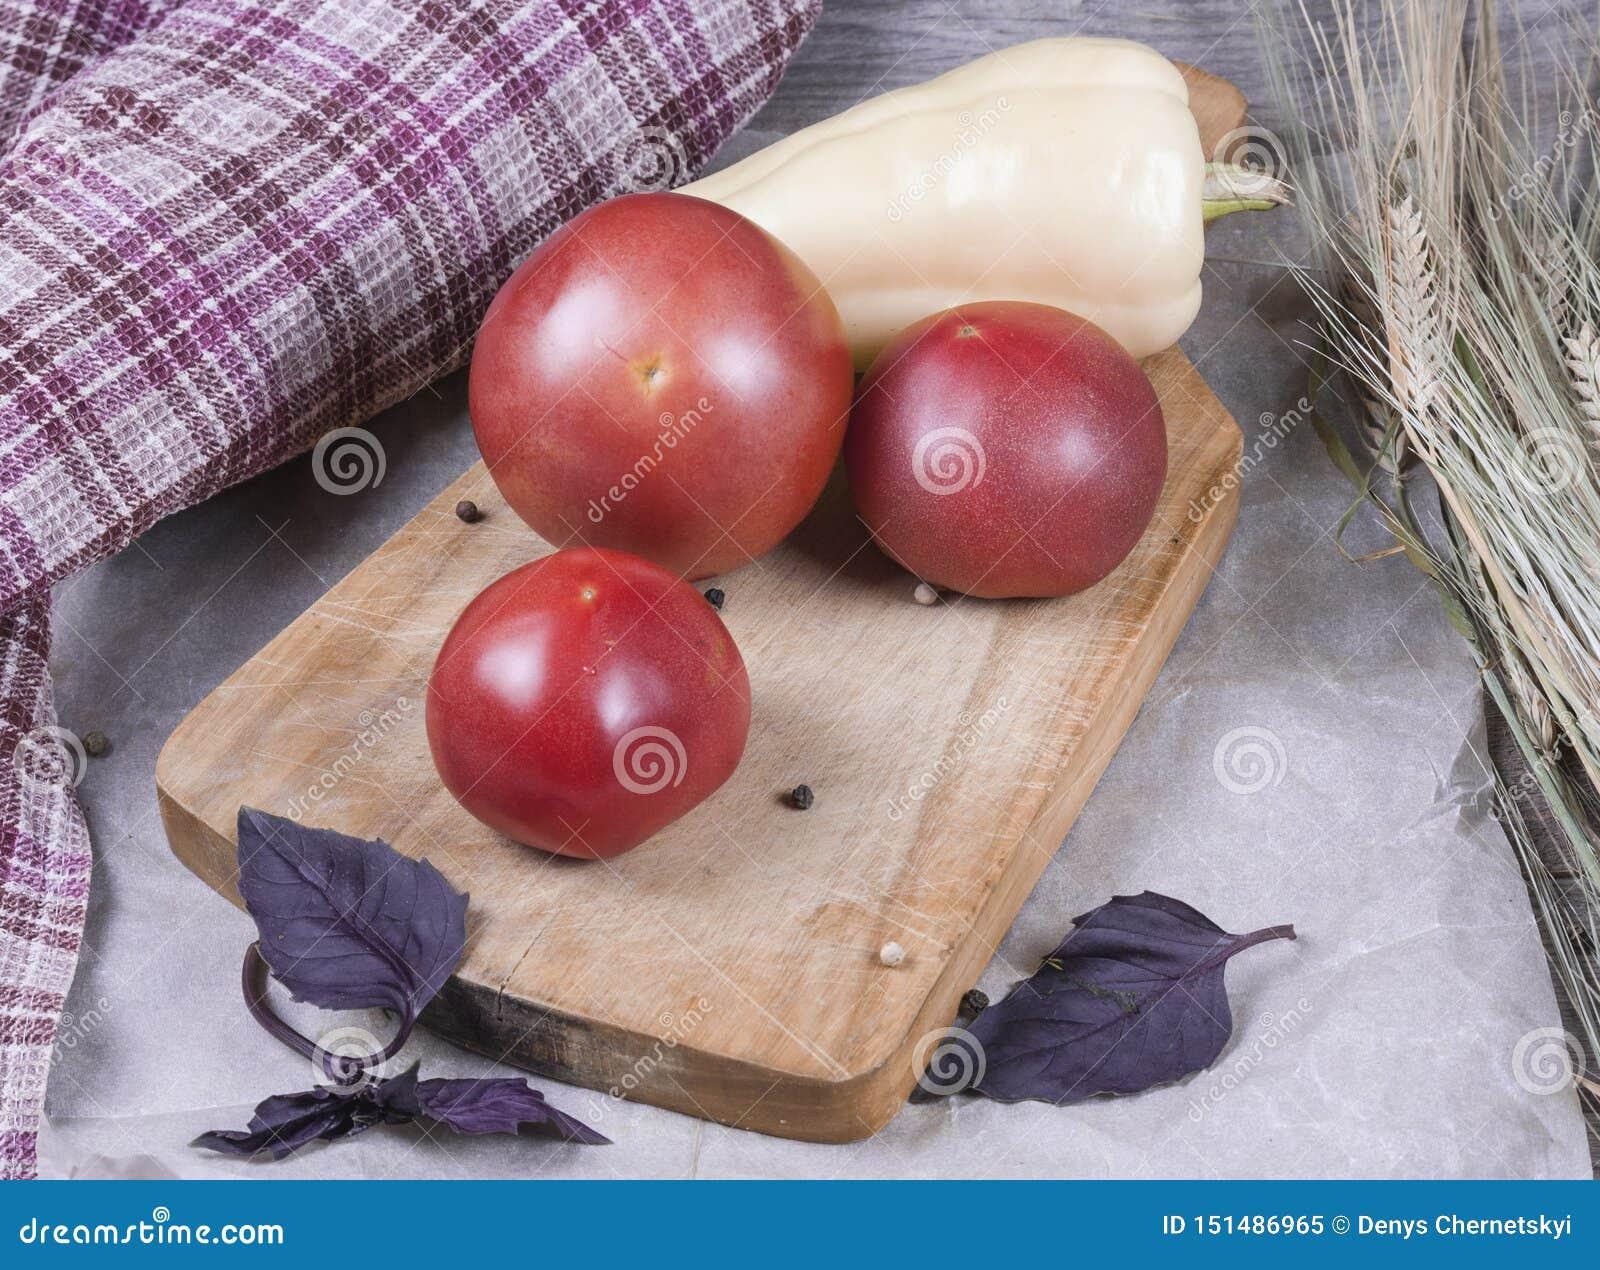 新鲜蔬菜在厨房里:蕃茄,胡椒,黄瓜,绿色